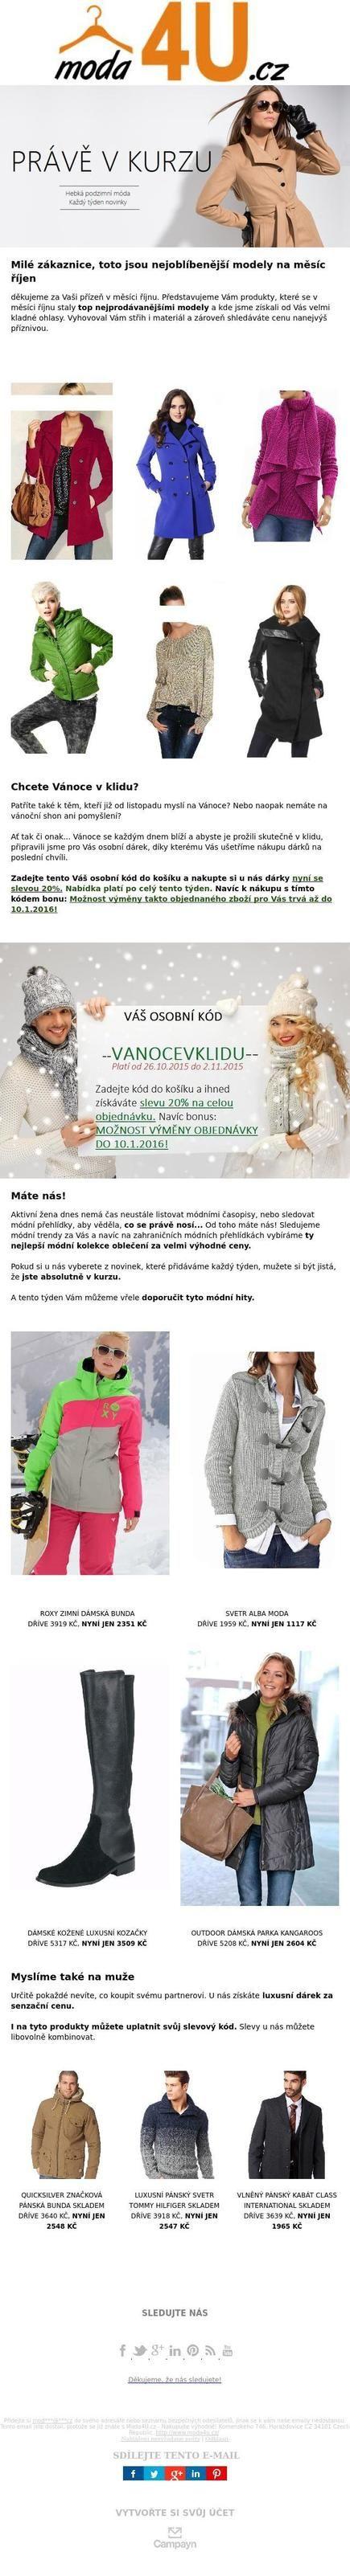 Great newsletter From Moda4U.cz - Nakupujte výhodně! http://cm.pn/1ehd